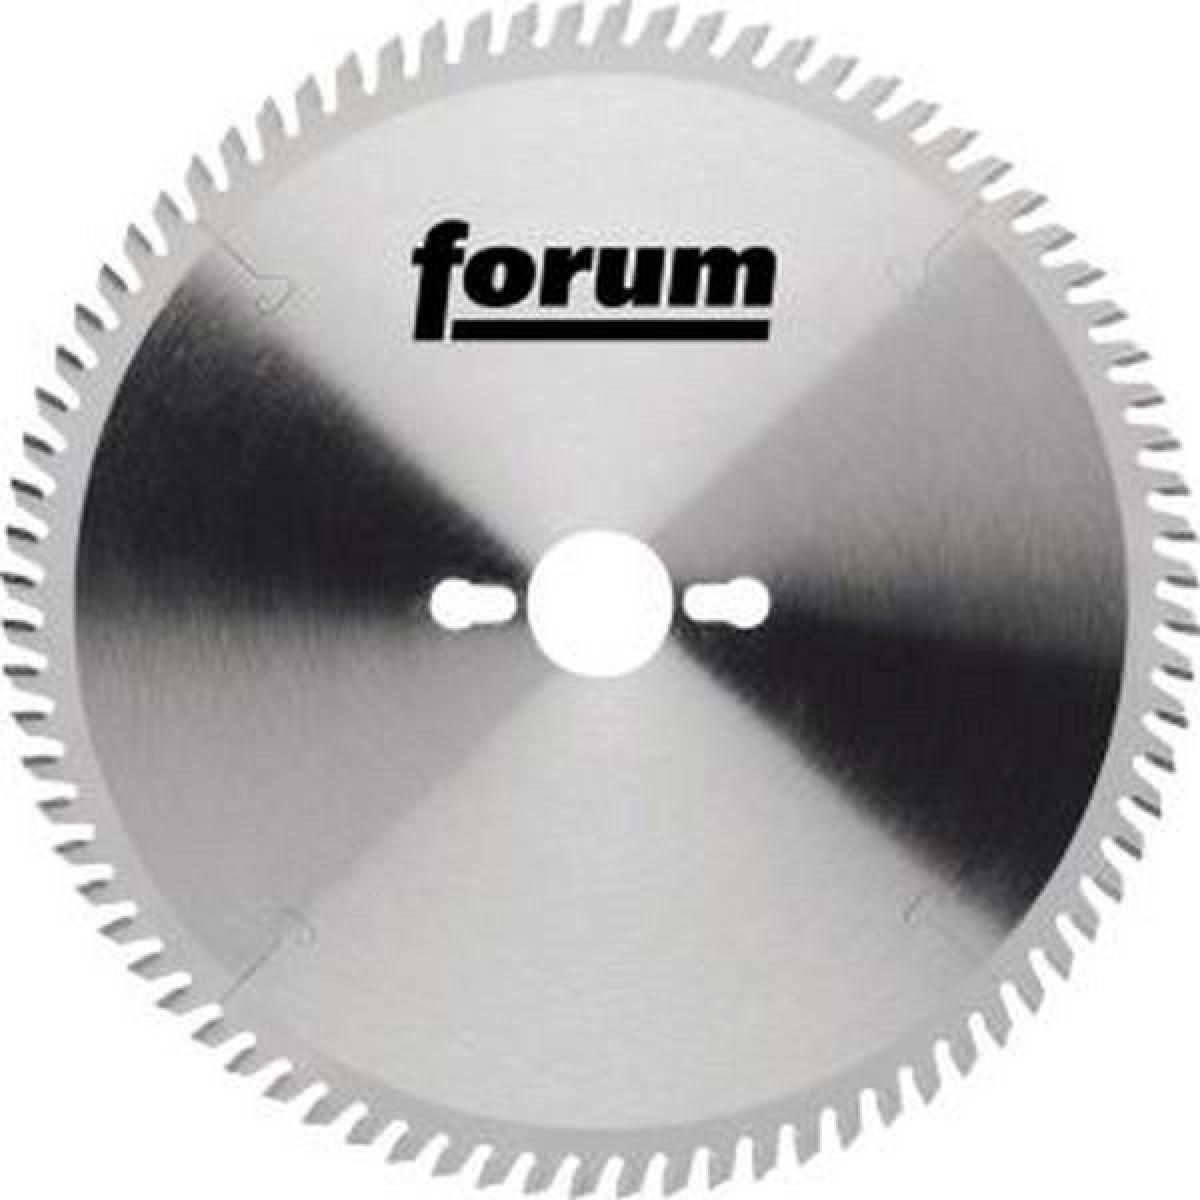 Forum Lame de scie circulaire, Ø : 160 mm, Larg. : 2,5 mm, Alésage 20 mm, Perçages secondaires : -, Dents : 56